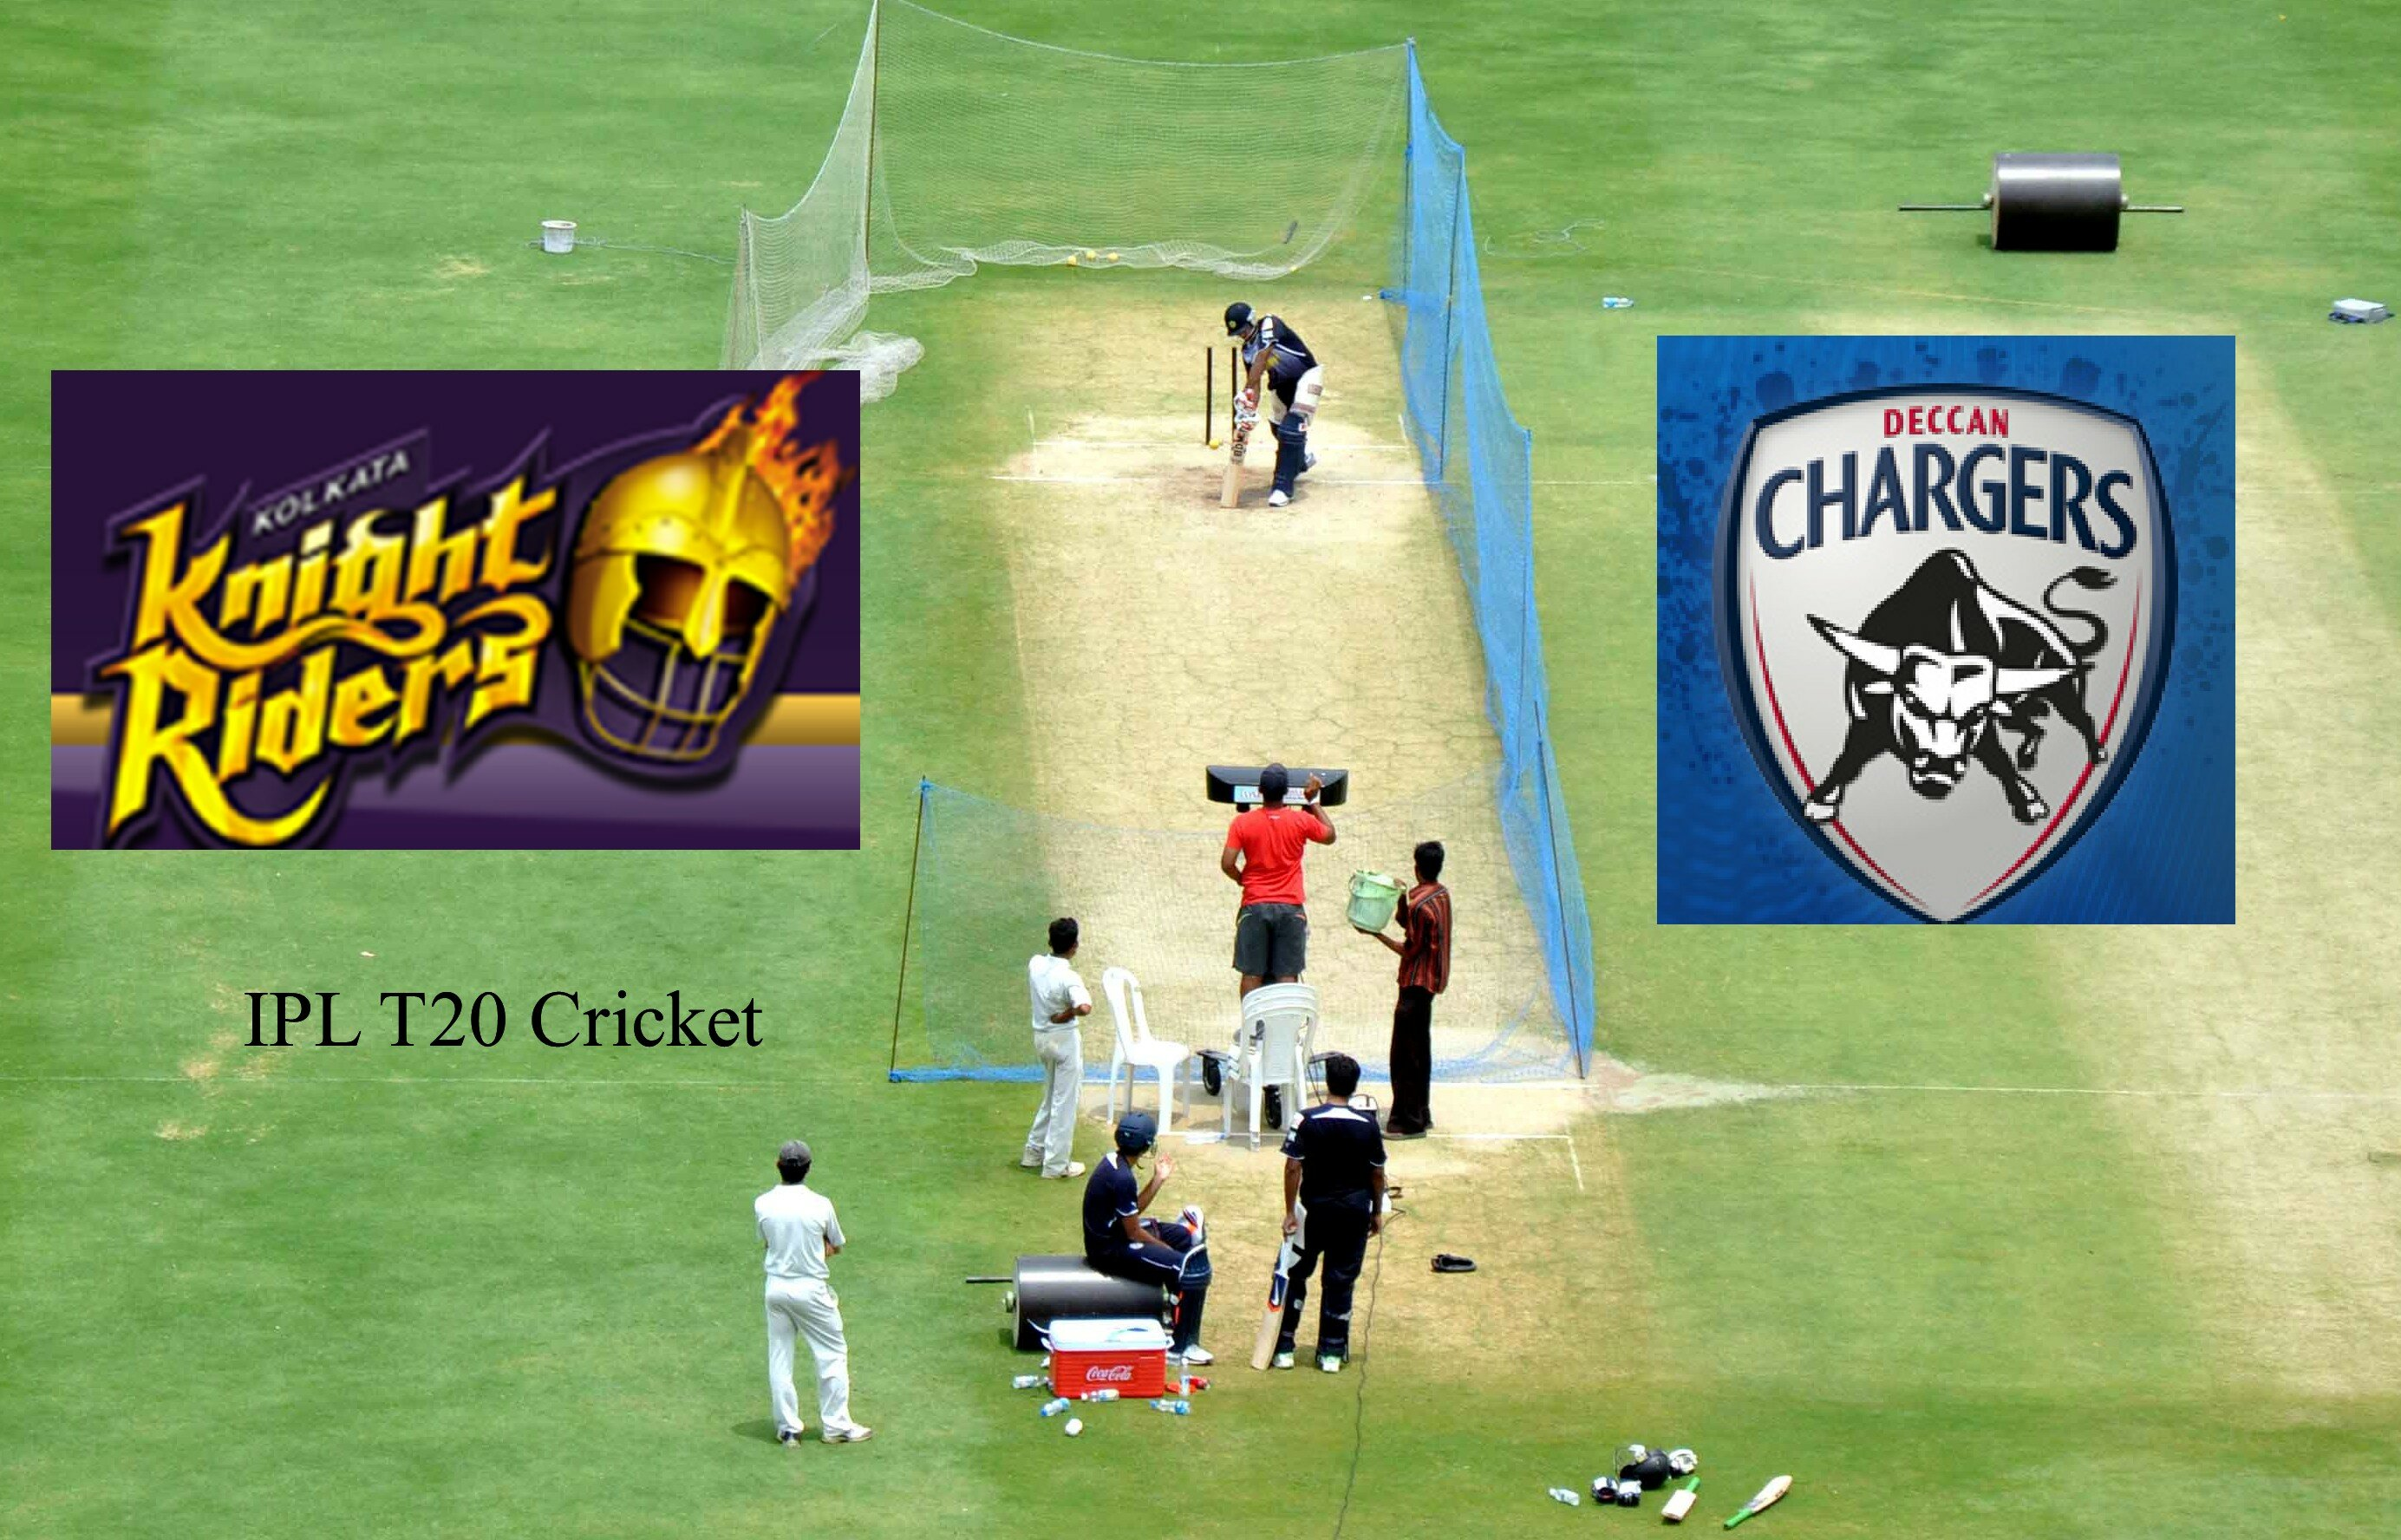 IPL 2011 Live: Kolkata Knight Riders Vs Deccan Chargers